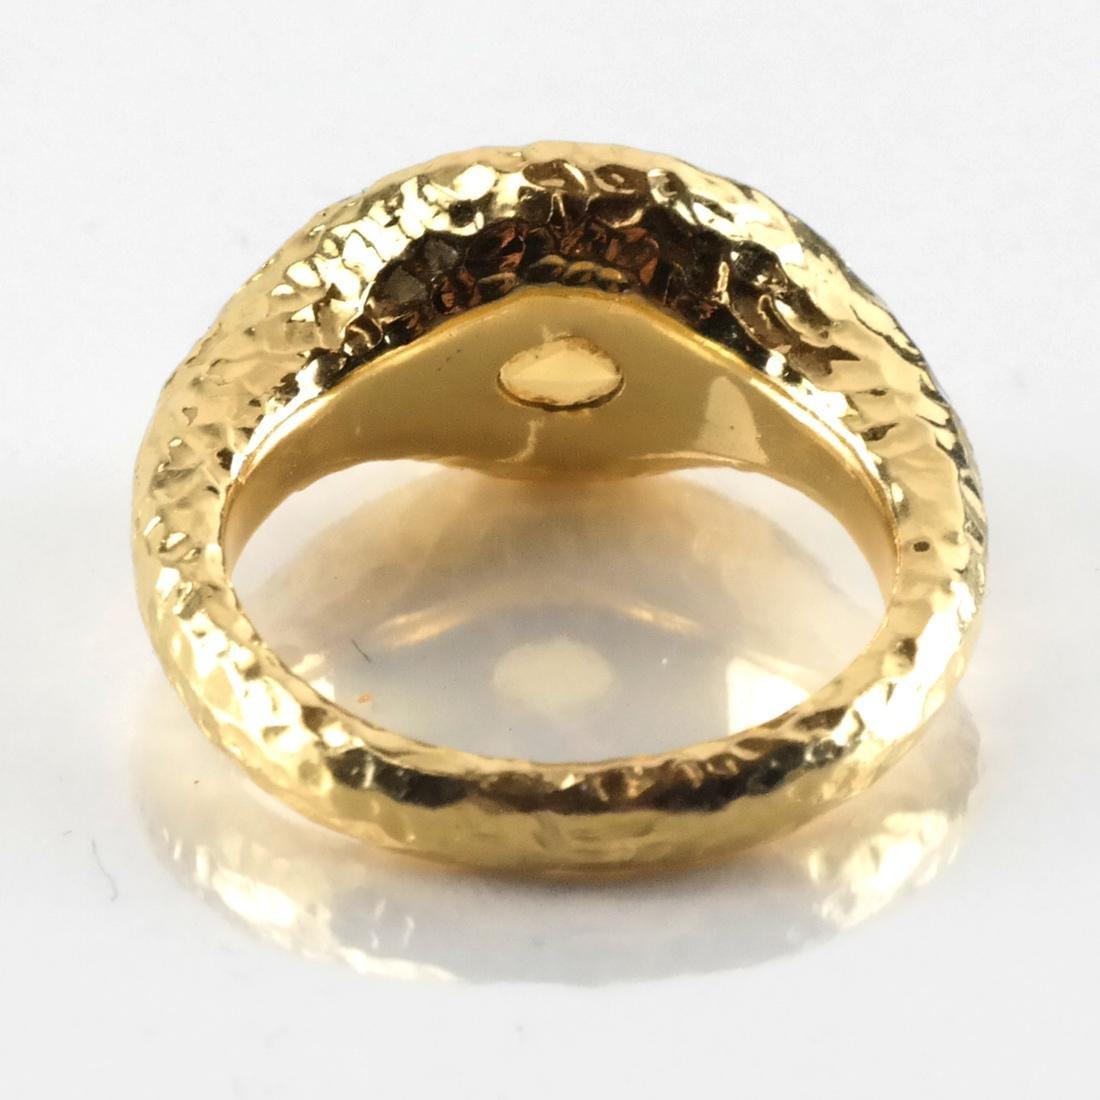 3-Piece 14k YG, Citrine Ring & Earrings - 4